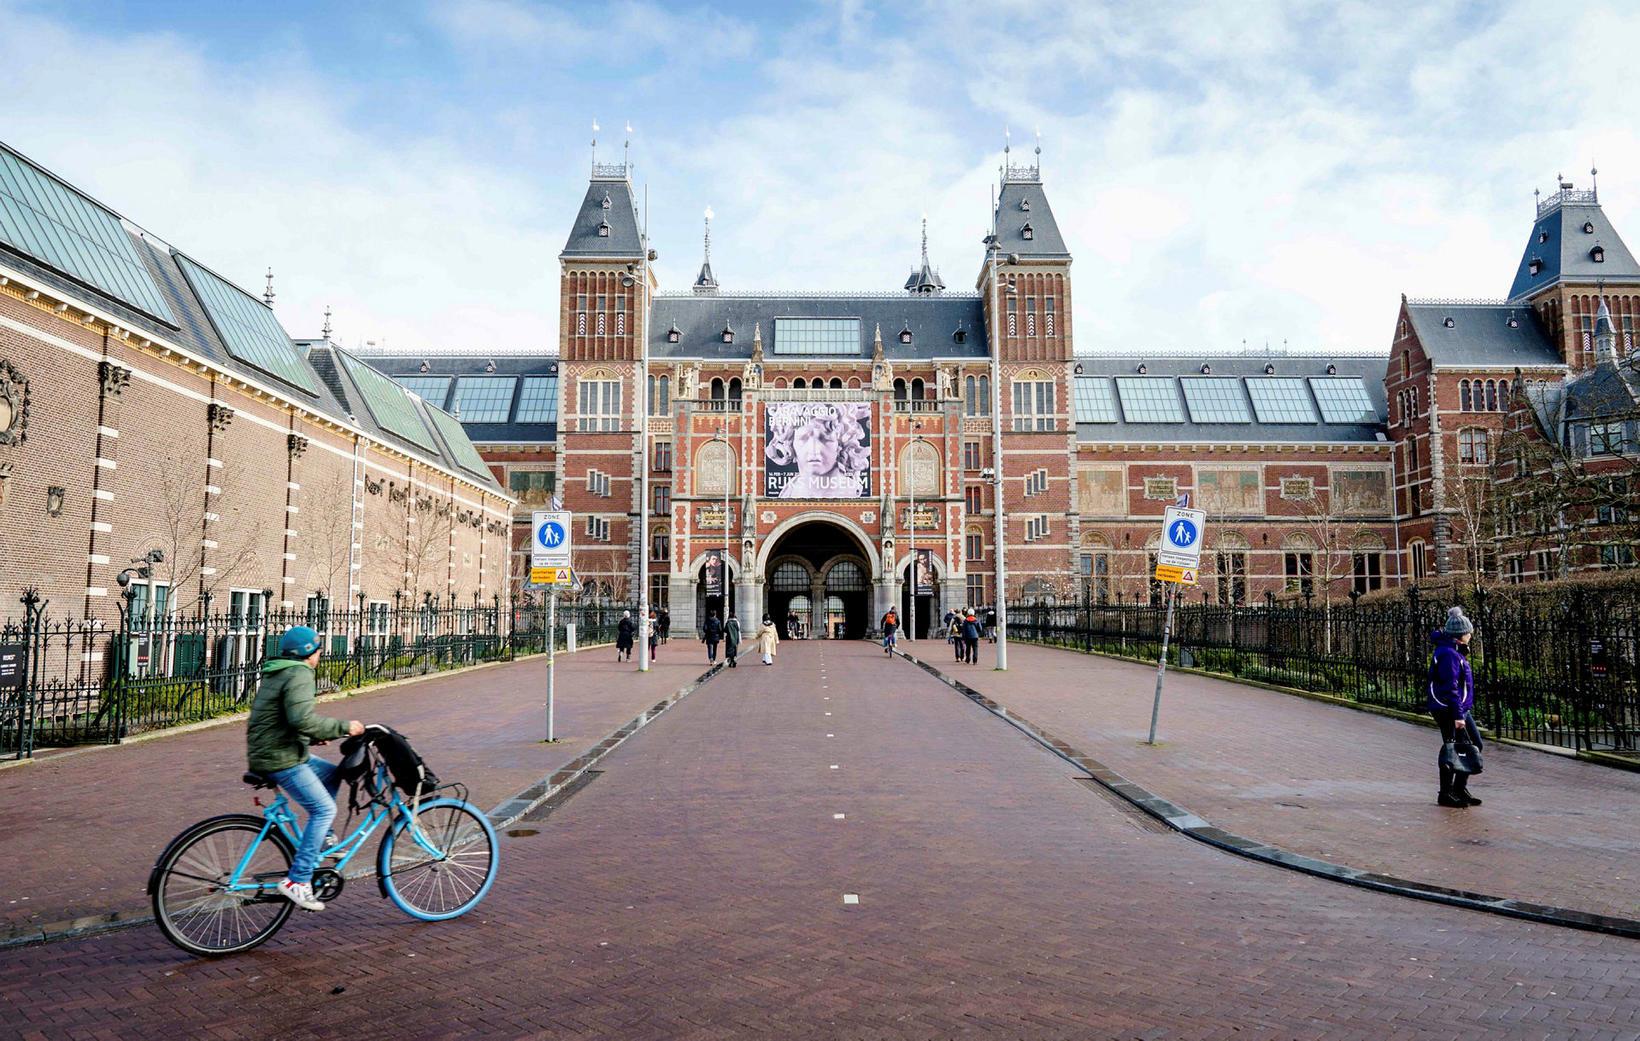 Rijksmuseum í Amsterdam er lokað í raunveruleikanum. Í sýndarveruleikanum getur …